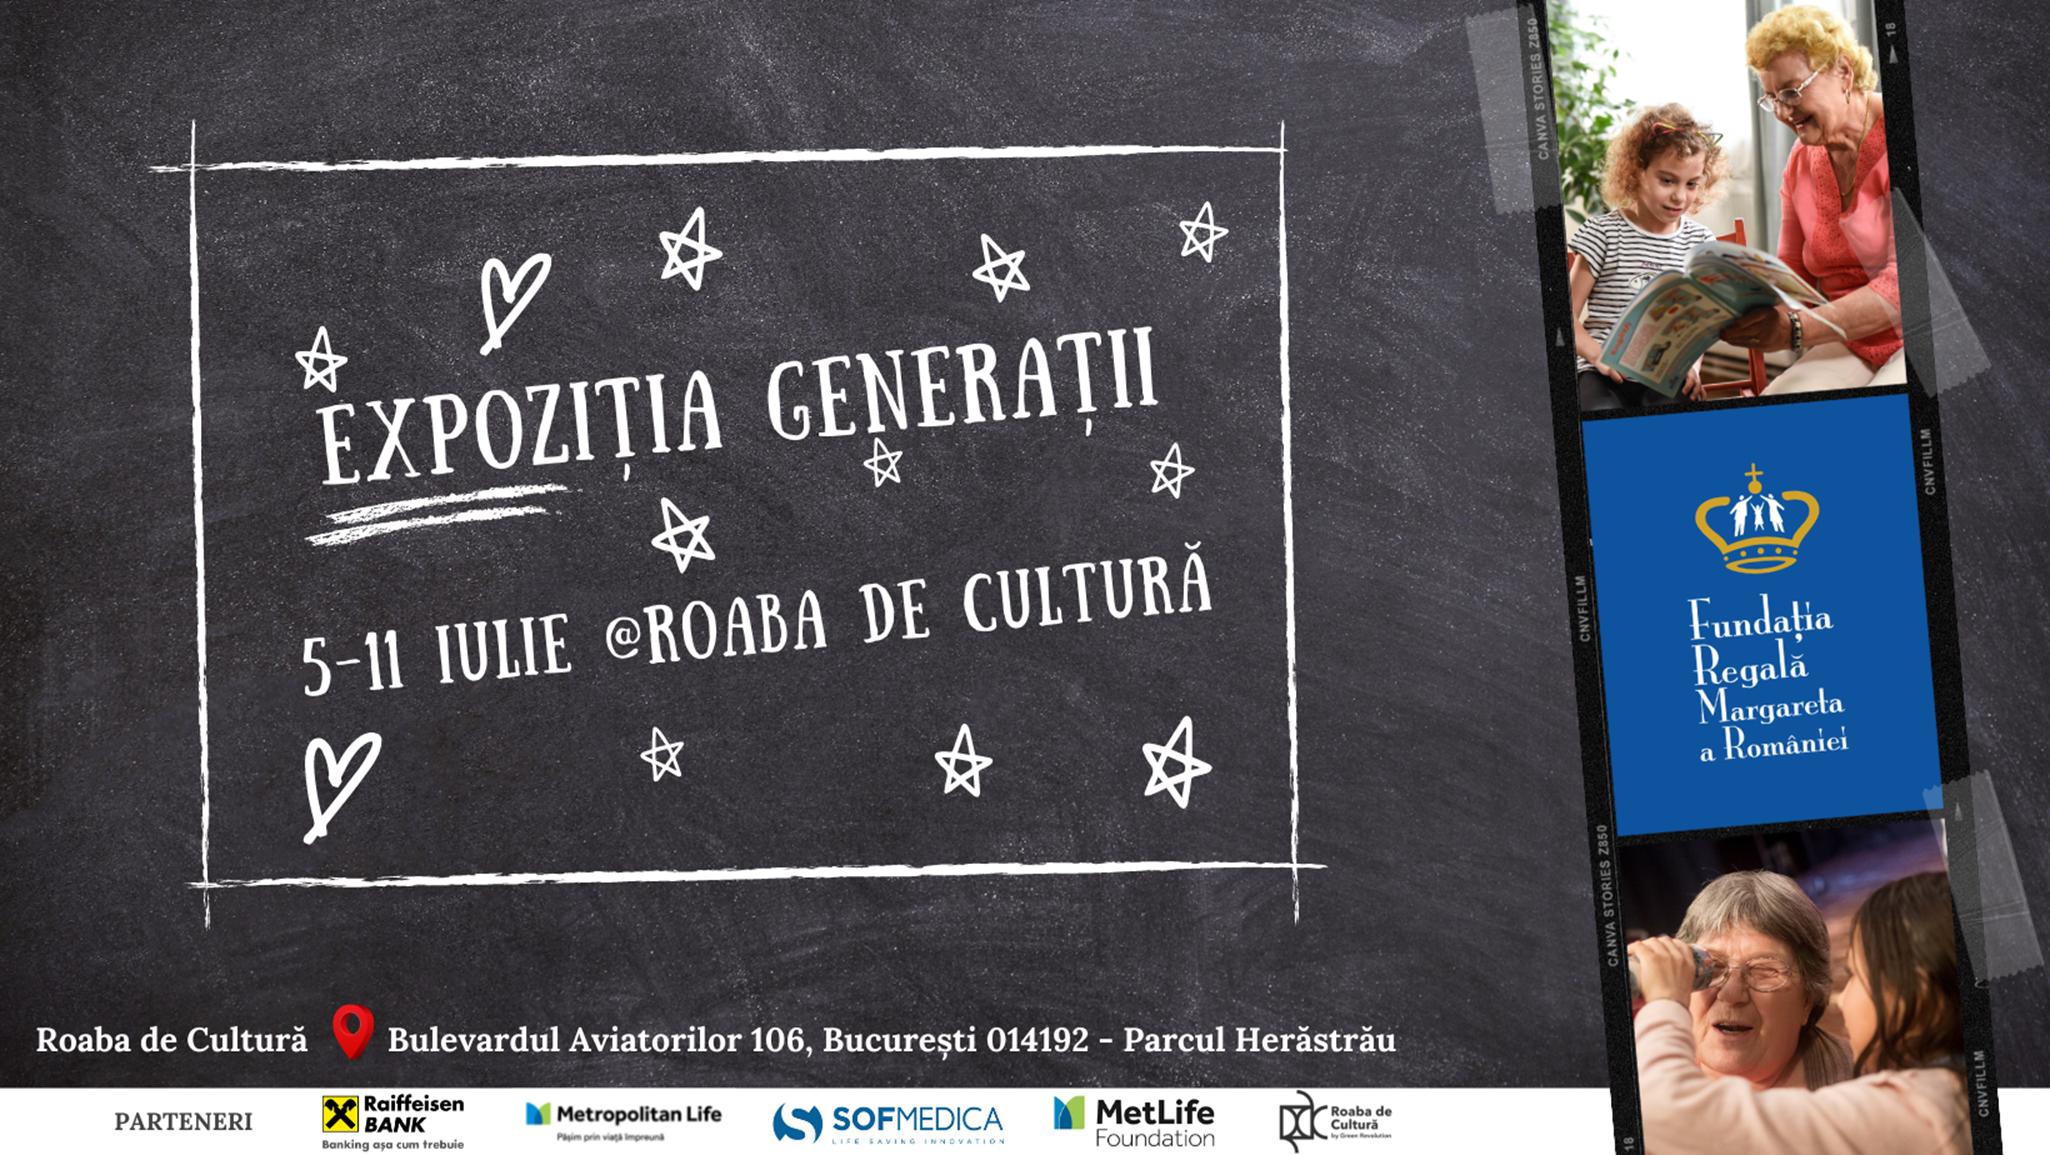 Expozițiile Generații – un periplu fotografic  al proiectelor intergeneraționale dezvoltate în 15 comunități din România